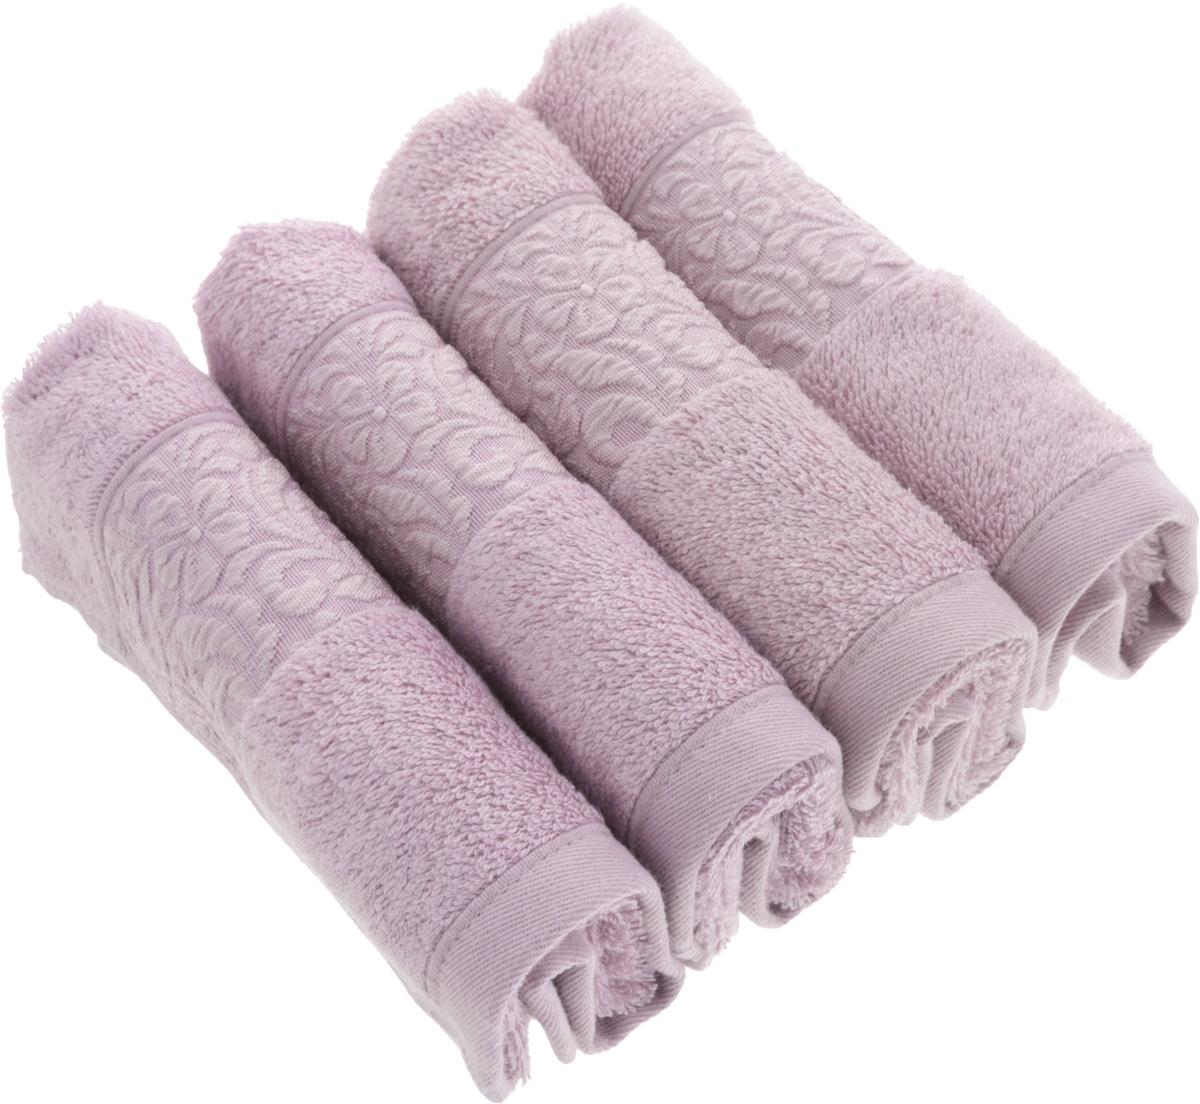 Набор бамбуковых полотенец Issimo Home Valencia, цвет: лиловый, 30 x 50 см, 4 штPR-2WПолотенца Issimo Home Valencia выполнены из 60% бамбукового волокна и 40% хлопка. Такими полотенцами не нужно вытираться - только коснитесь кожи - и ткань сама все впитает. Такая ткань впитывает в 3 раза лучше, чем хлопок.Набор из маленьких полотенец-салфеток очень практичен - он станет незаменимым в дороге и в путешествиях. Кроме того, это хороший, красивый и изысканный подарок.Несмотря на богатую плотность и высокую петлю полотенец, они быстро сохнут, остаются легкими даже при намокании.Набор бамбуковых полотенец имеет красивый жаккардовый бордюр, выполненный с орнаментом в цвет изделия. Благородные, классические тона создадут уют и подчеркнут лучшие качества махровой ткани, а сочные, яркие, летние оттенки создадут ощущение праздника и наполнят дом энергией. Красивая, стильная упаковка этих полотенец делает их уже готовым подарком к любому случаю.